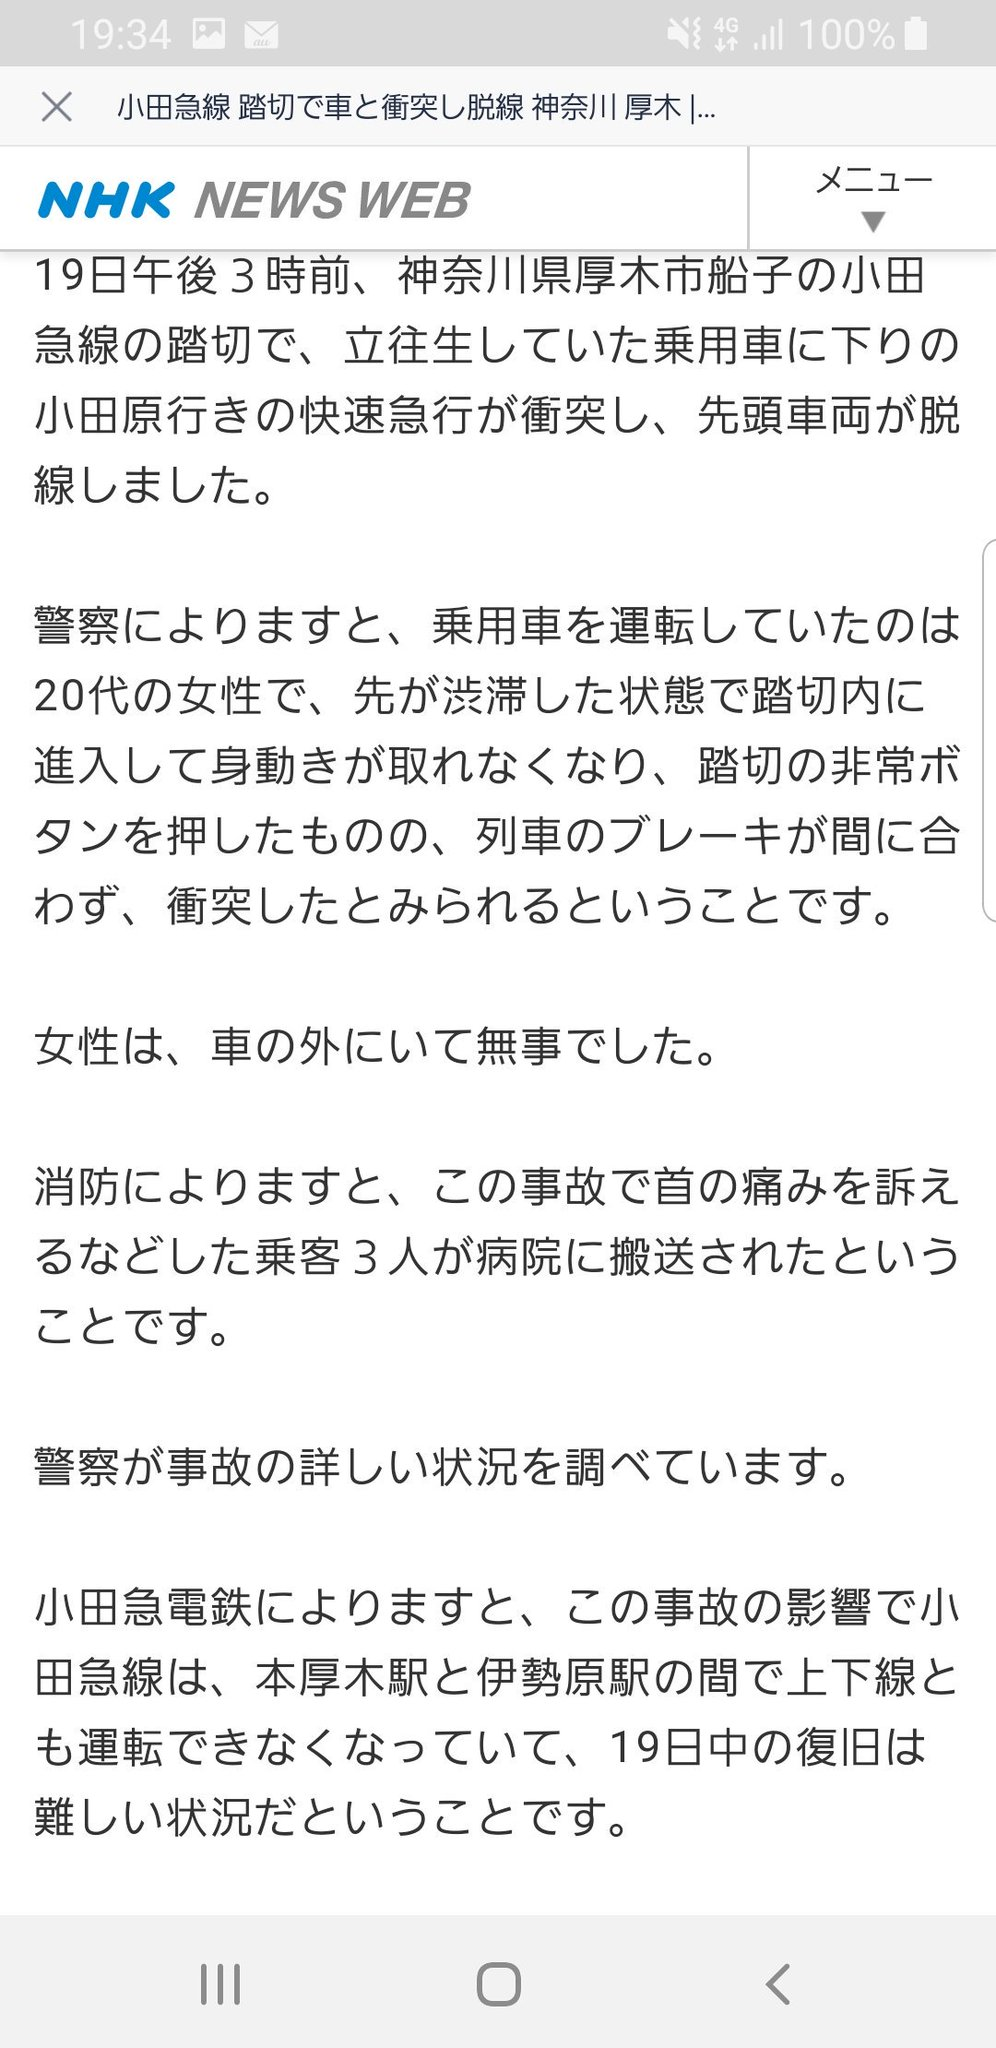 画像,小田急電鉄は、この車のドライバーに対して車両の修理費等の賠償請求をするべき。金額は一切妥協すべきではない。かかった費用全額請求すべき。踏切の先が渋滞しているのに…